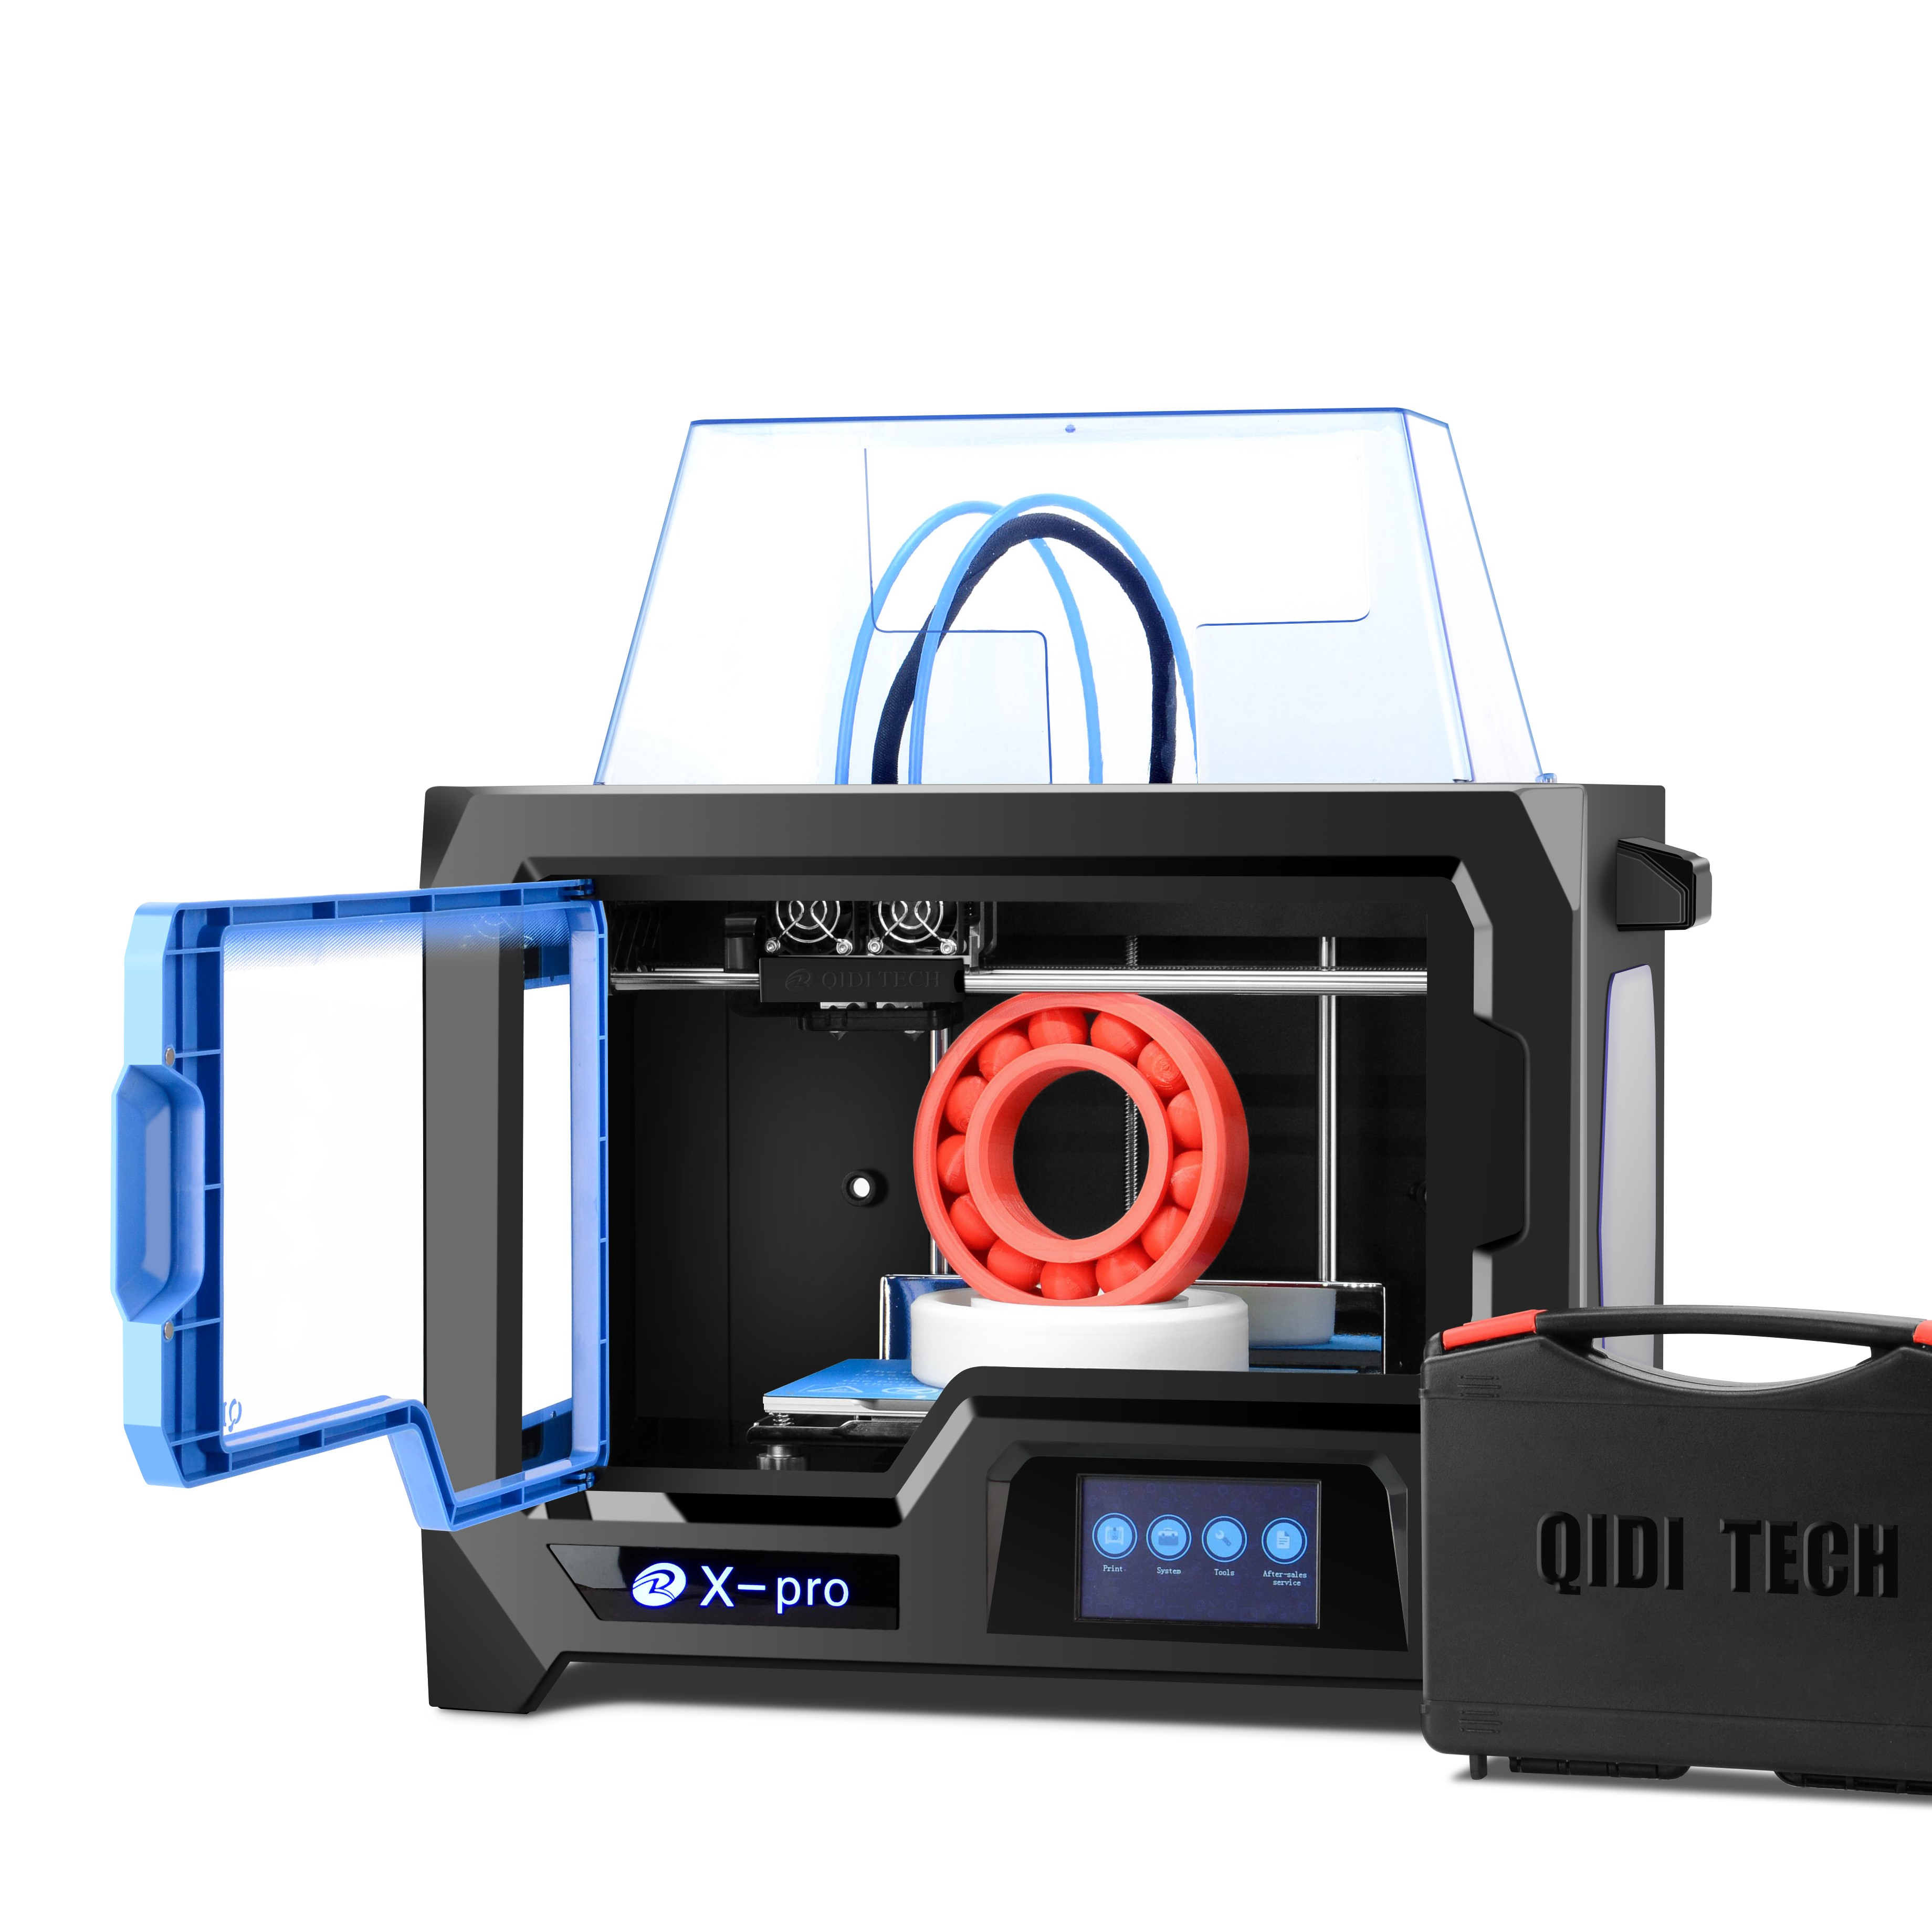 QIDI TECH imprimante 3D double extrudeuse imprimante 3D x-pro 4.3 pouces écran tactile wifi/connexion lan 200*150*150mm ABS et PLA TPU